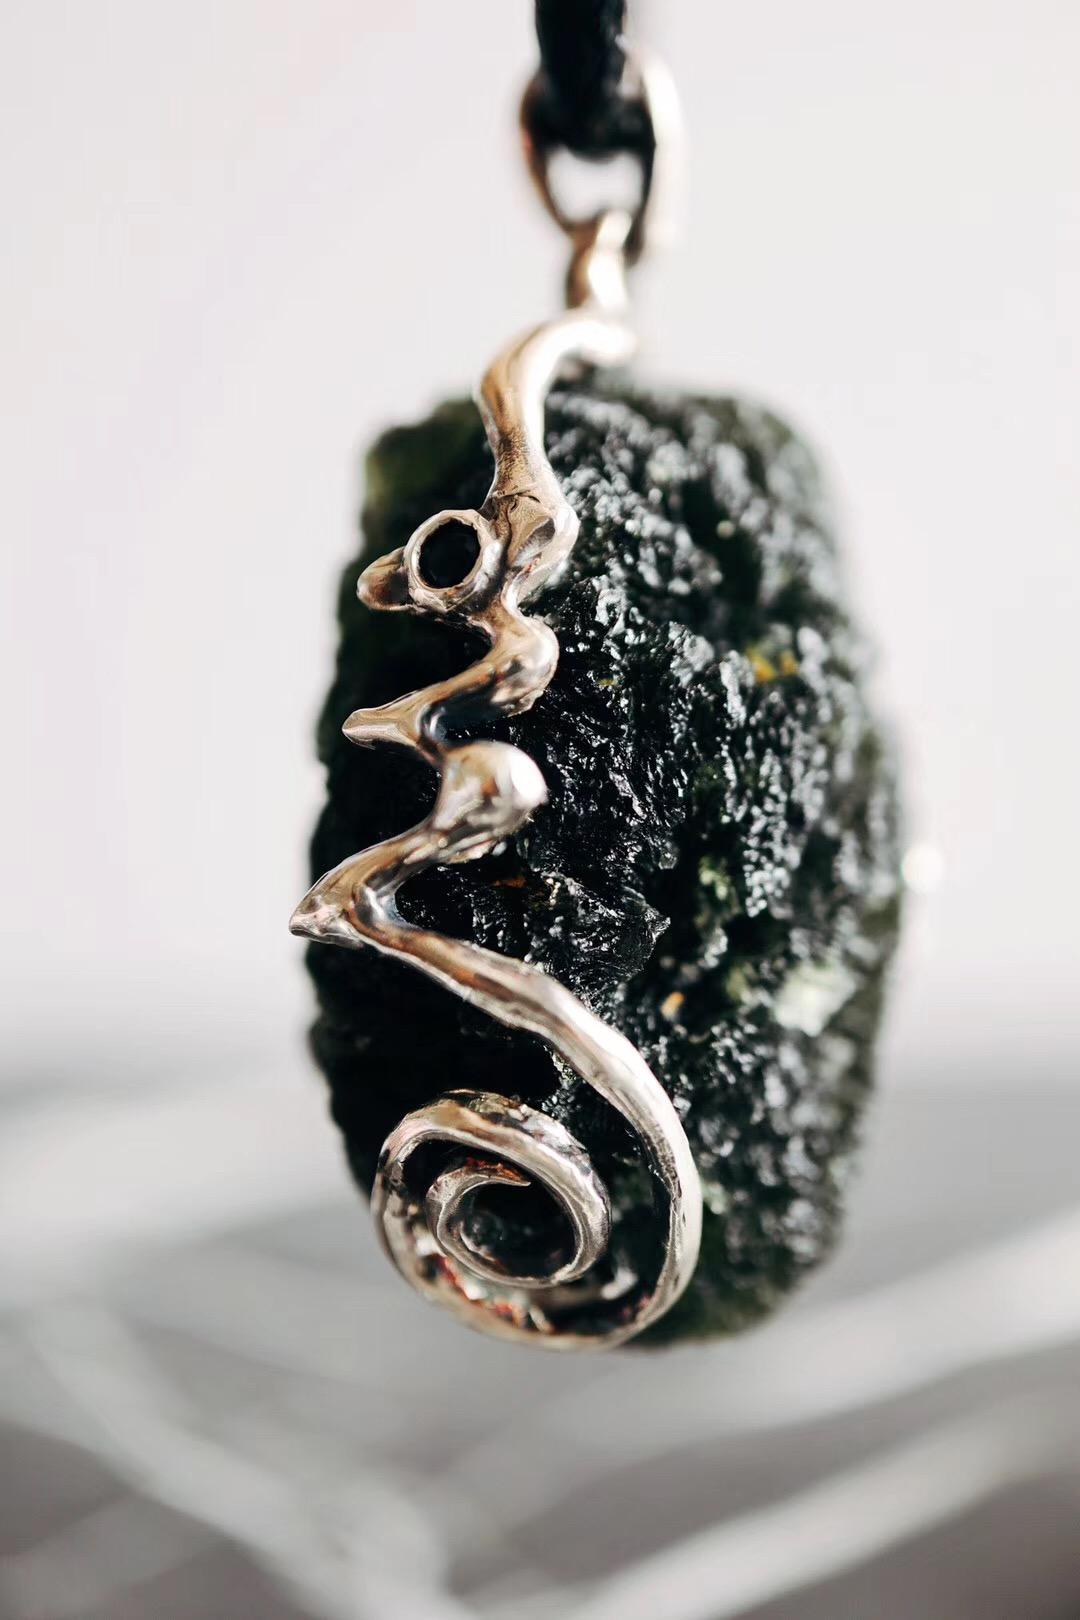 【捷克陨石&双面镶嵌】激活人脑里的松果体,便可开启第三眼-菩心晶舍